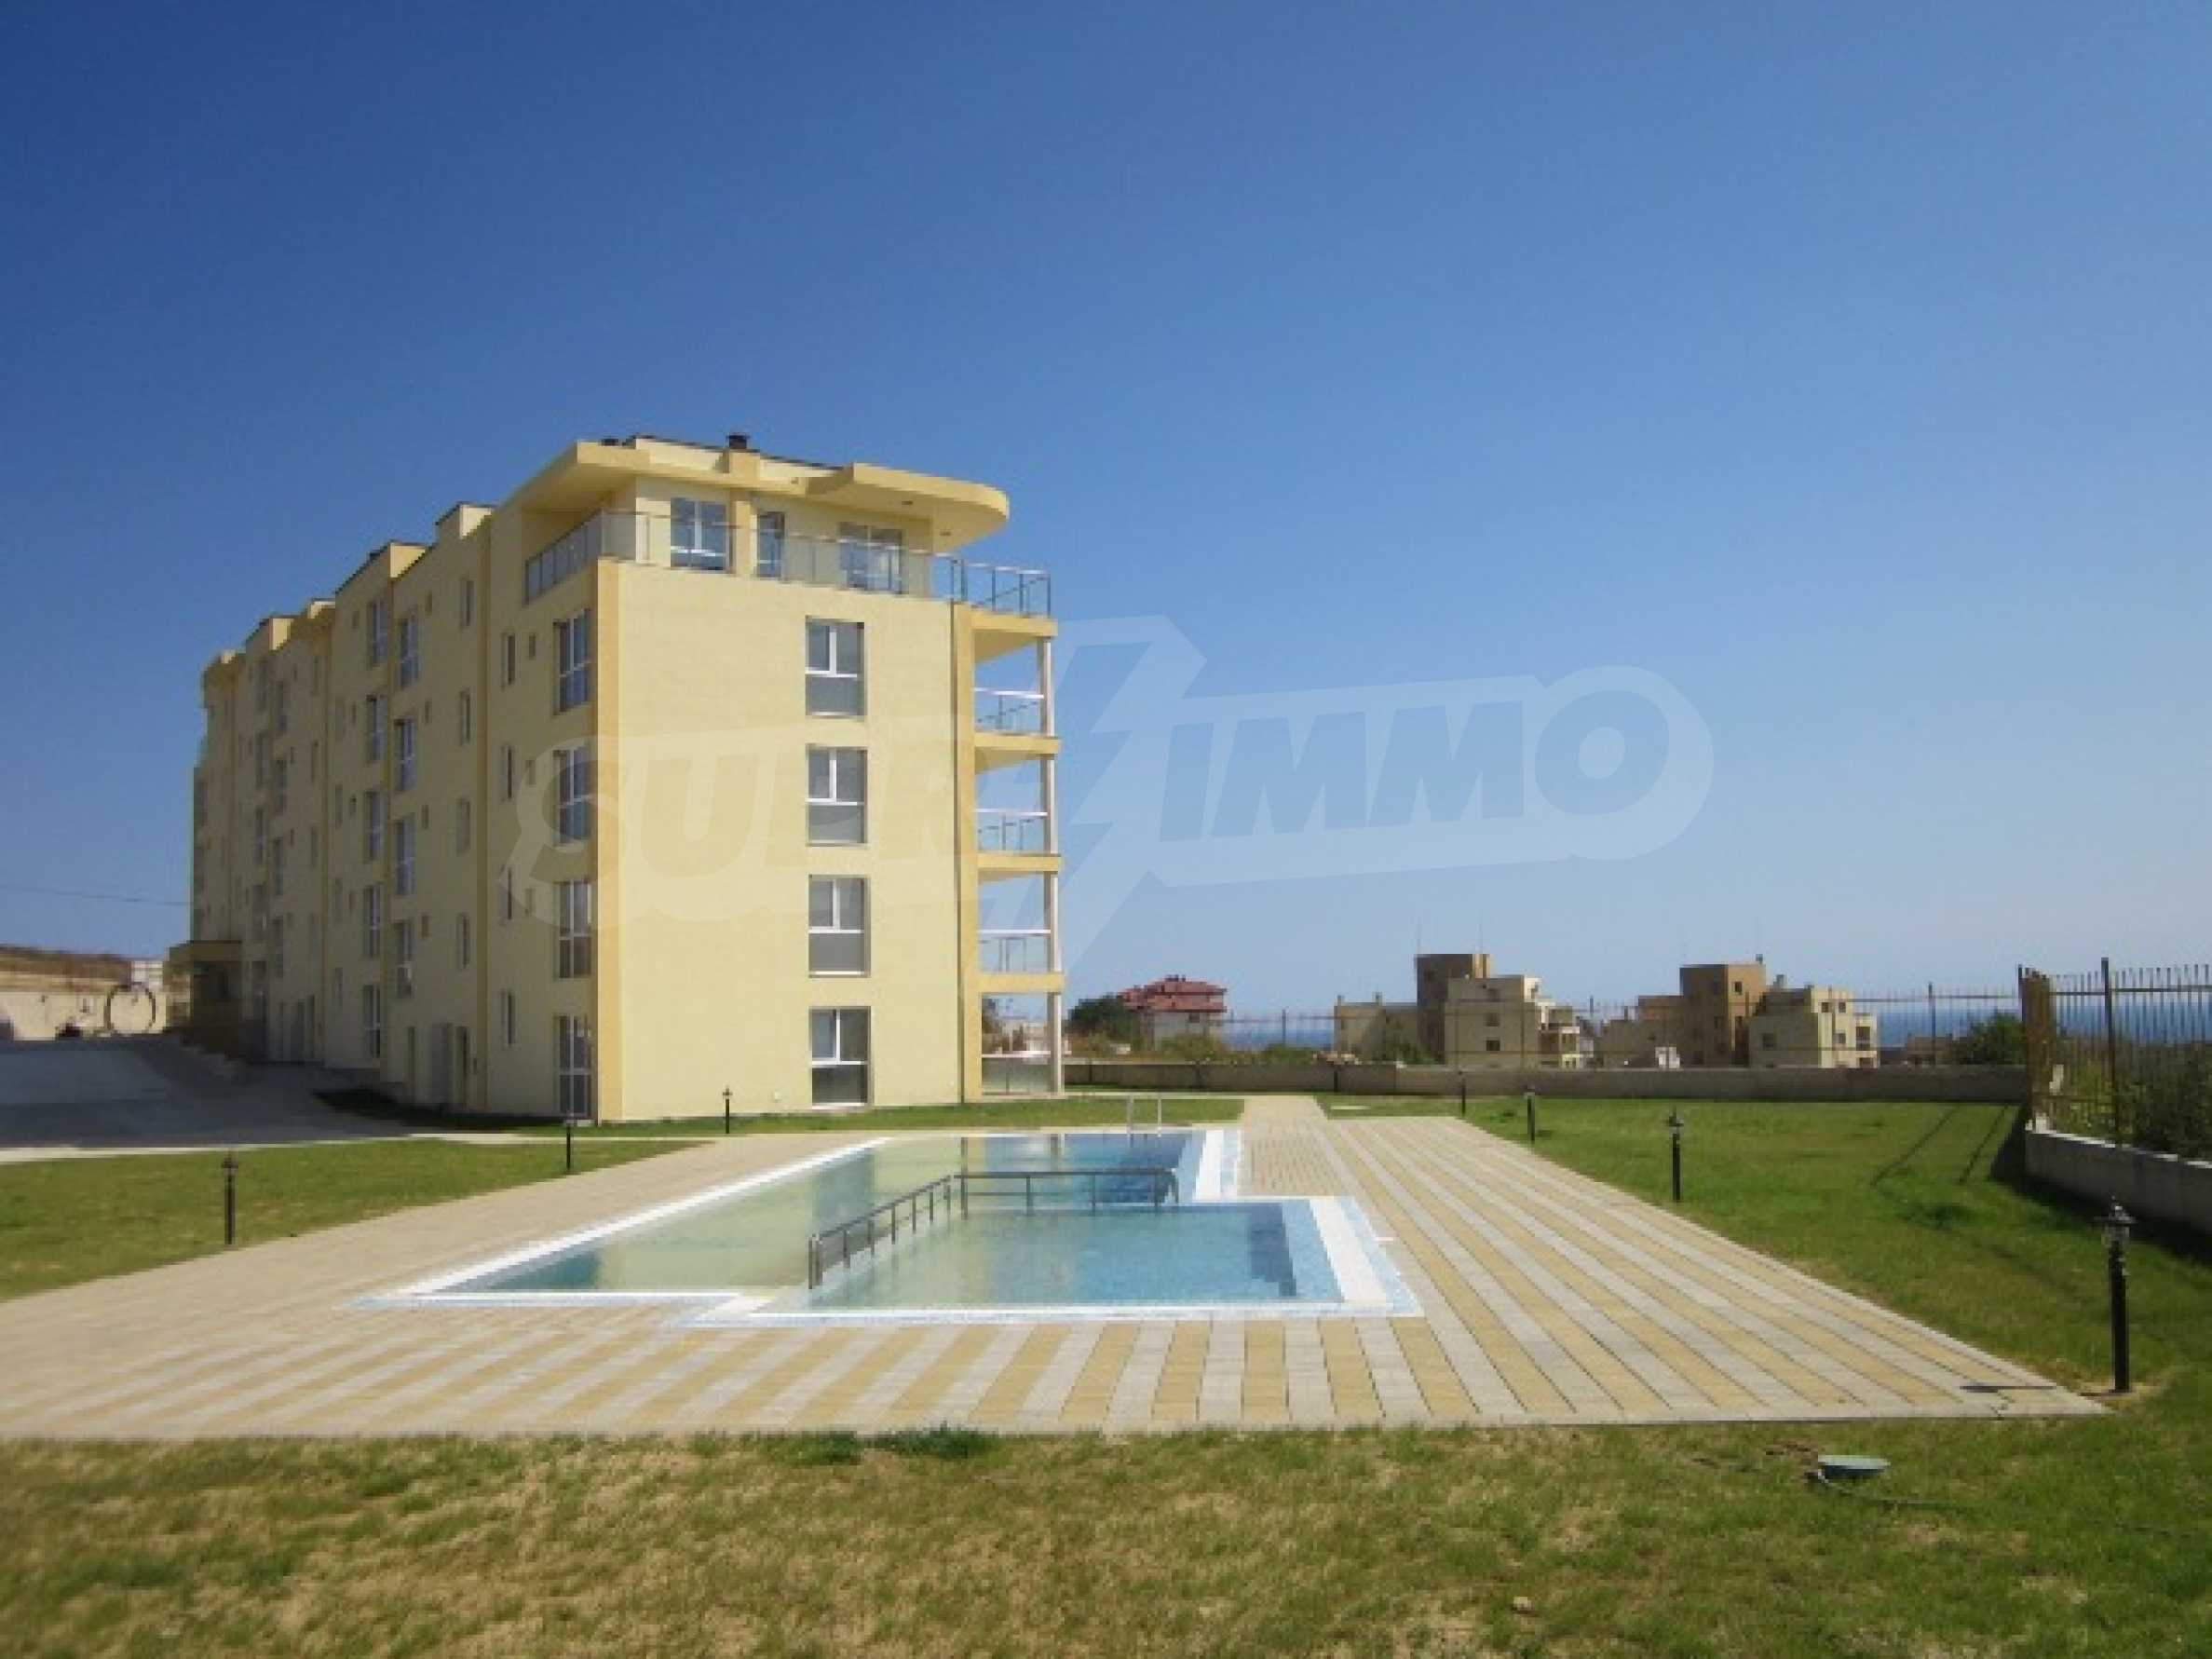 Апартаменти с морска панорама 5